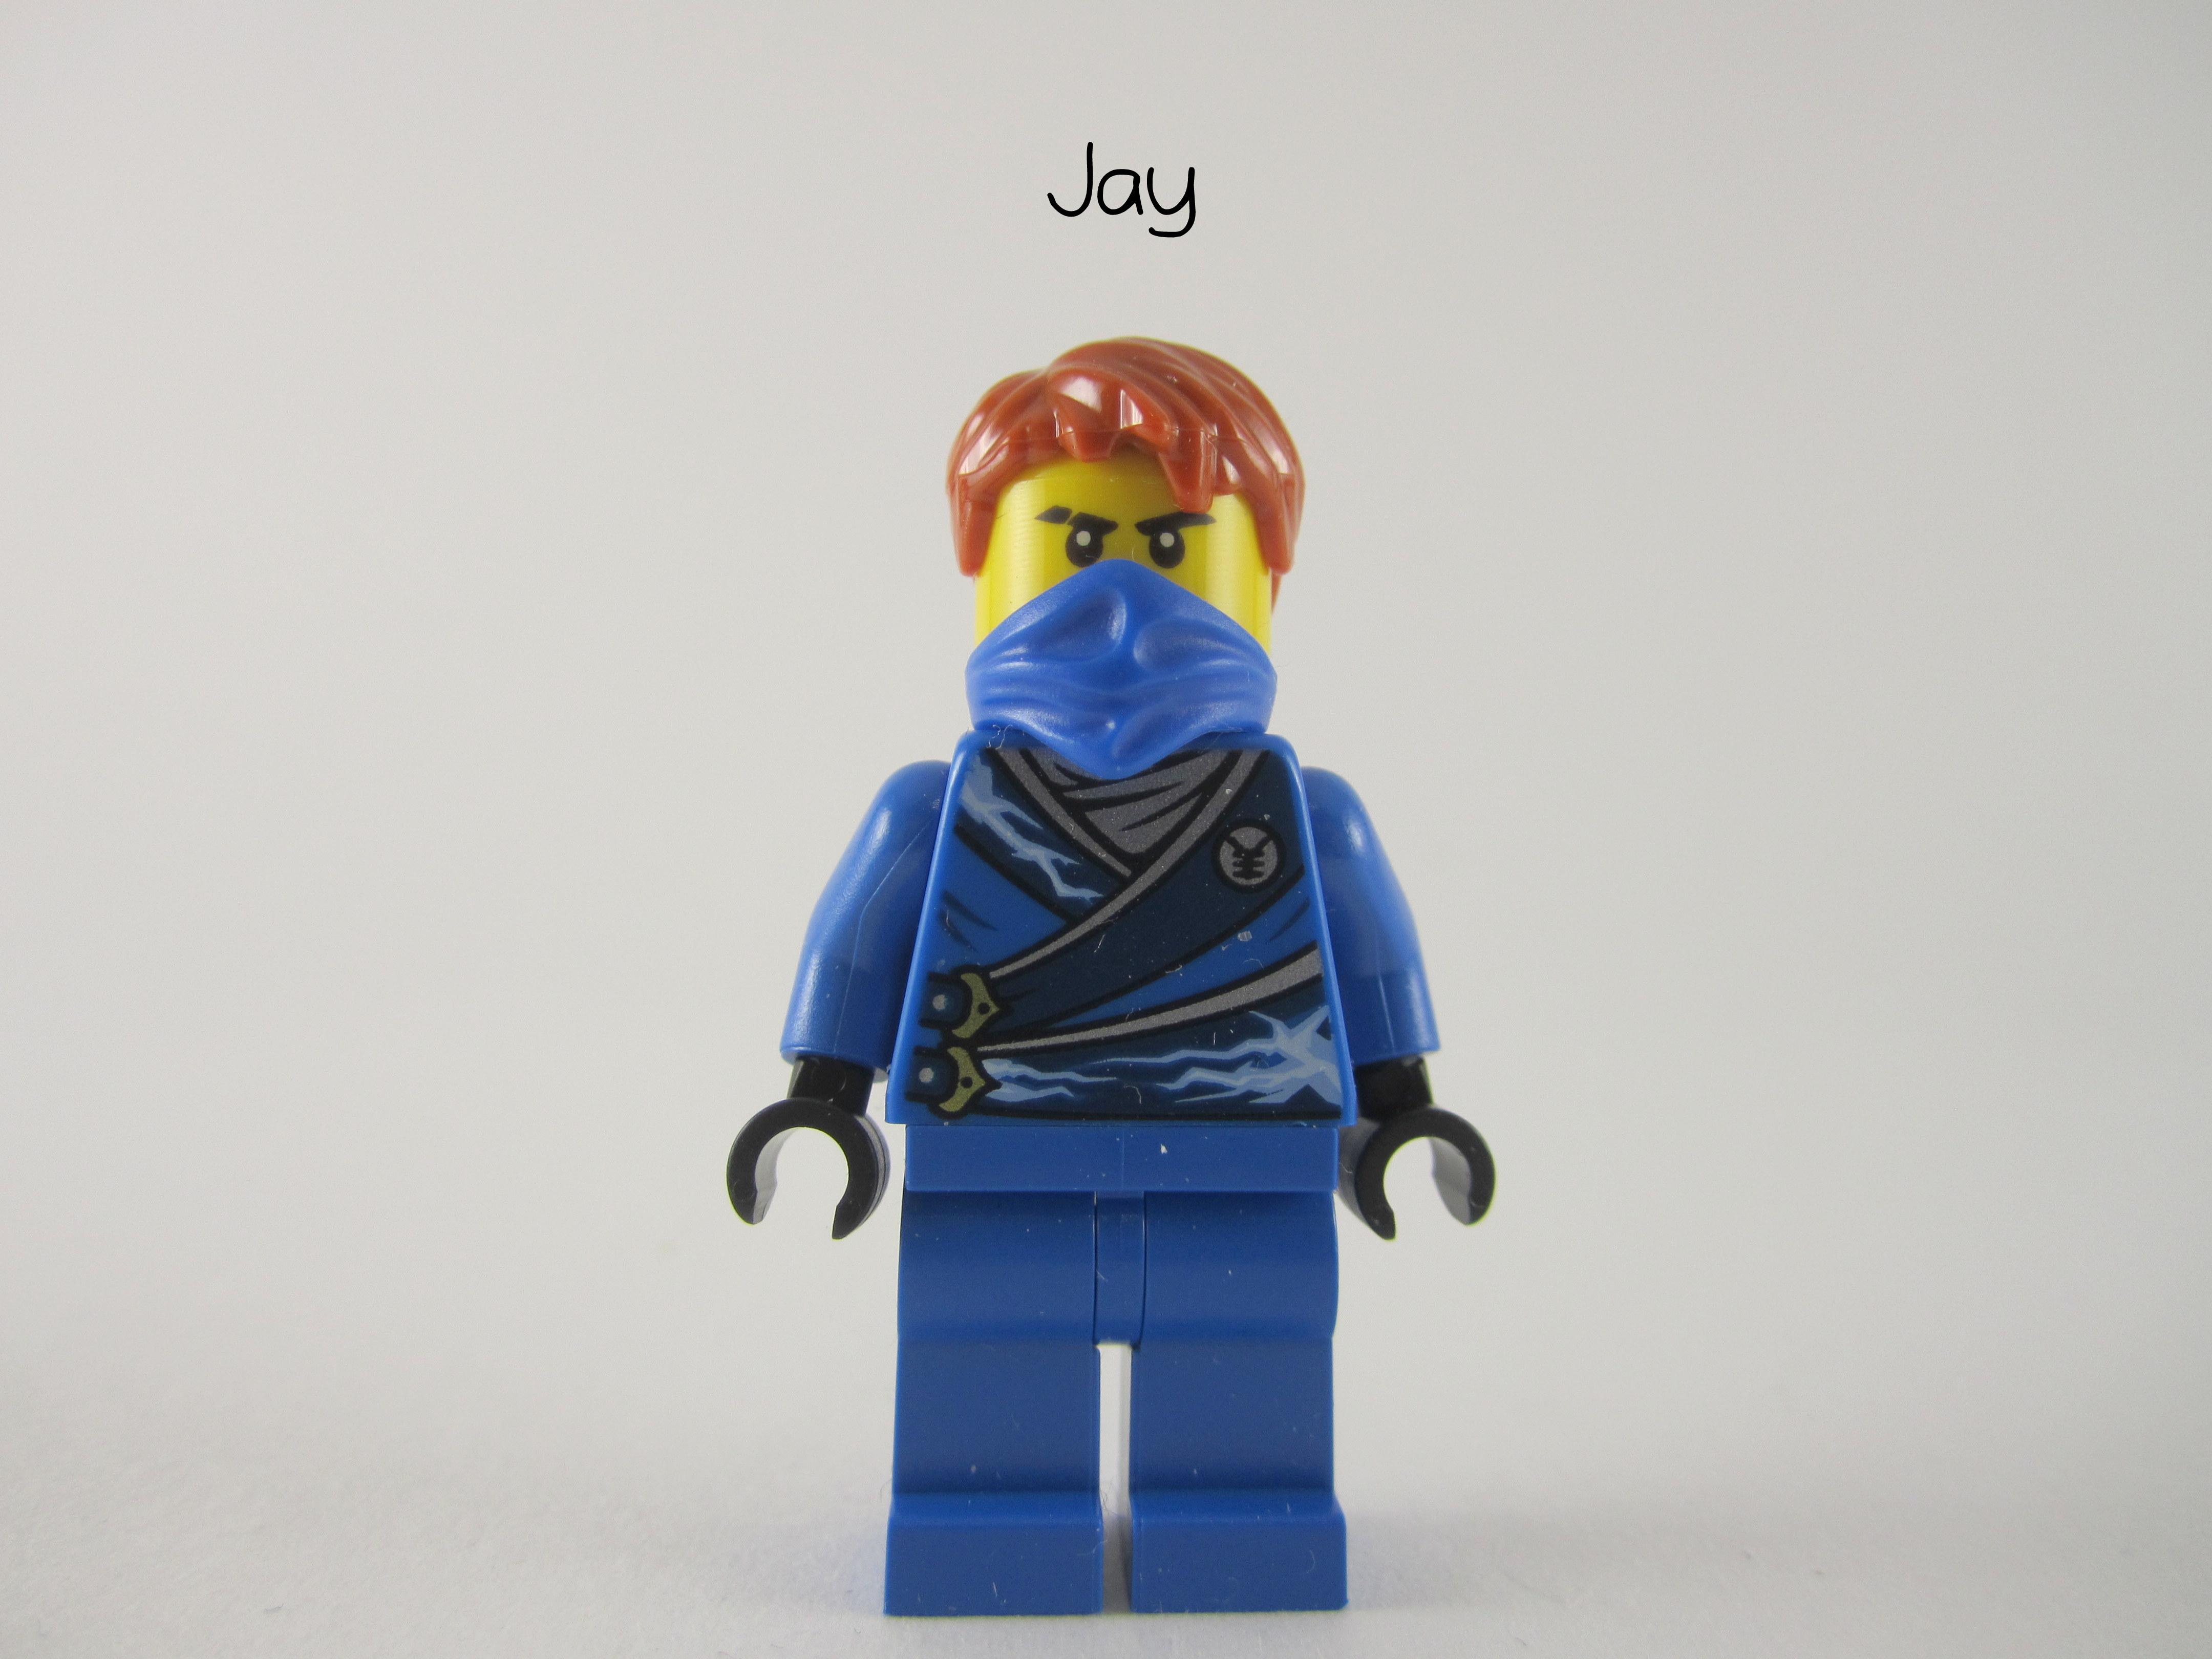 707023 - Ninjago Jay 2014